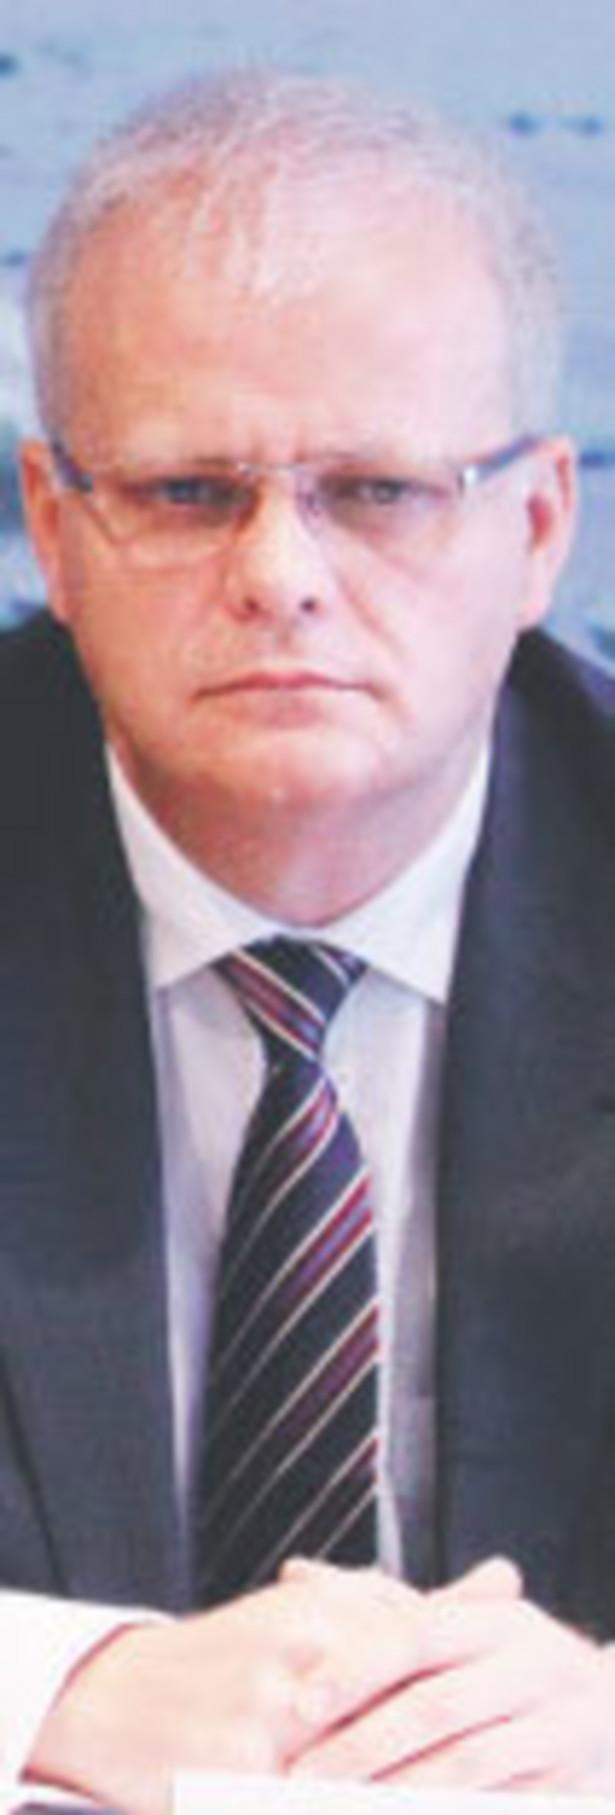 Piotr Litwa, dr inż., od 1 listopada 2008 r. prezesem Wyższego Urzędu Górniczego w Katowicach. W nadzorze górniczym pracuje od kilkunastu lat. Jest absolwentem Politechniki Śląskiej w Gliwicach, specjalistą techniki eksploatacji złóż Fot. Paweł Supernak/PAP